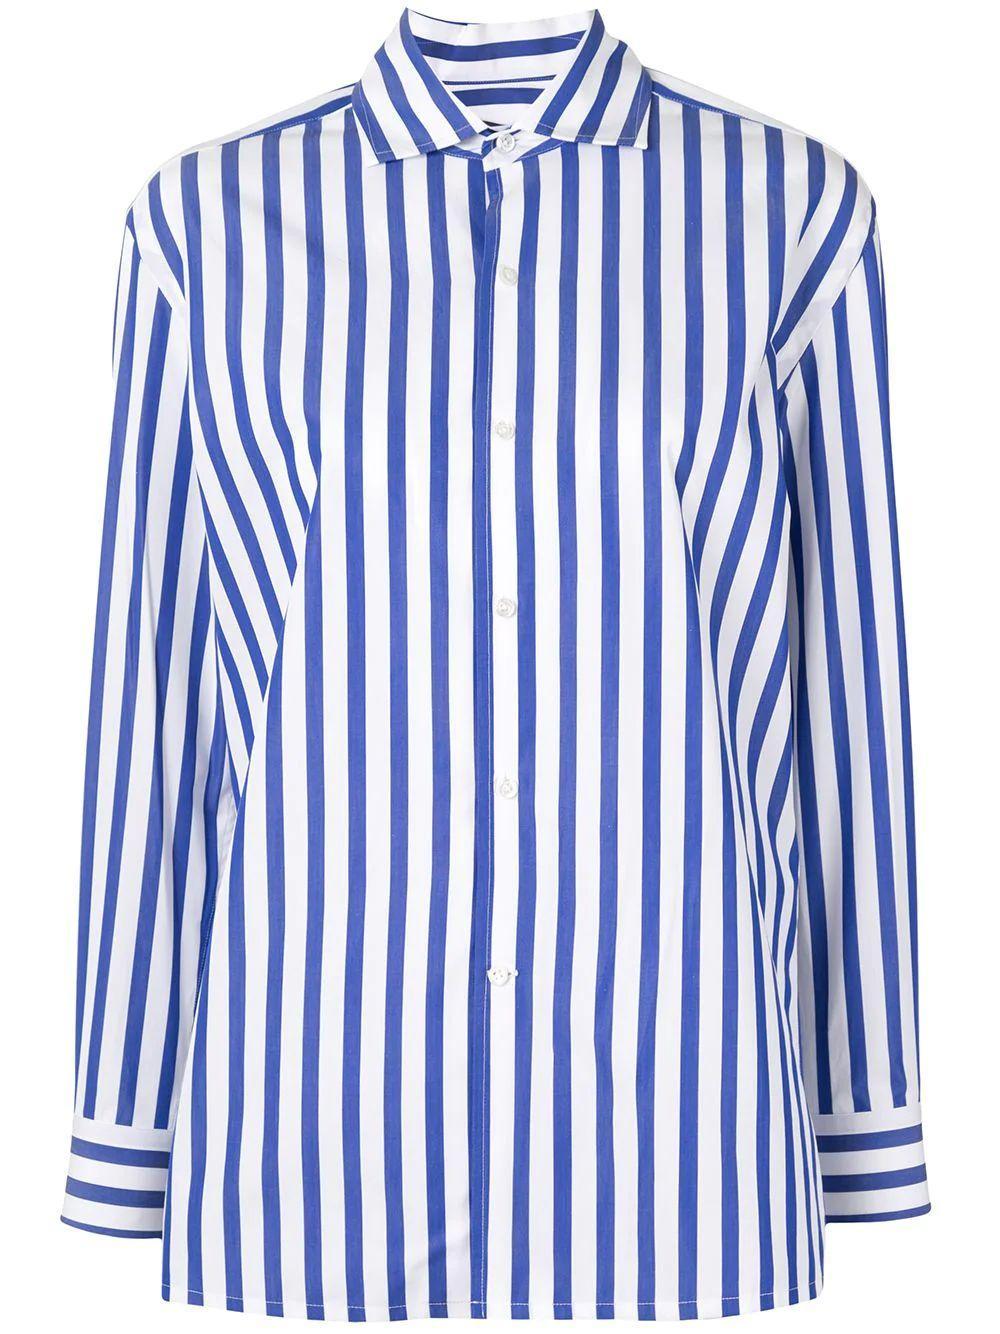 Capri Stripe Button Down Shirt